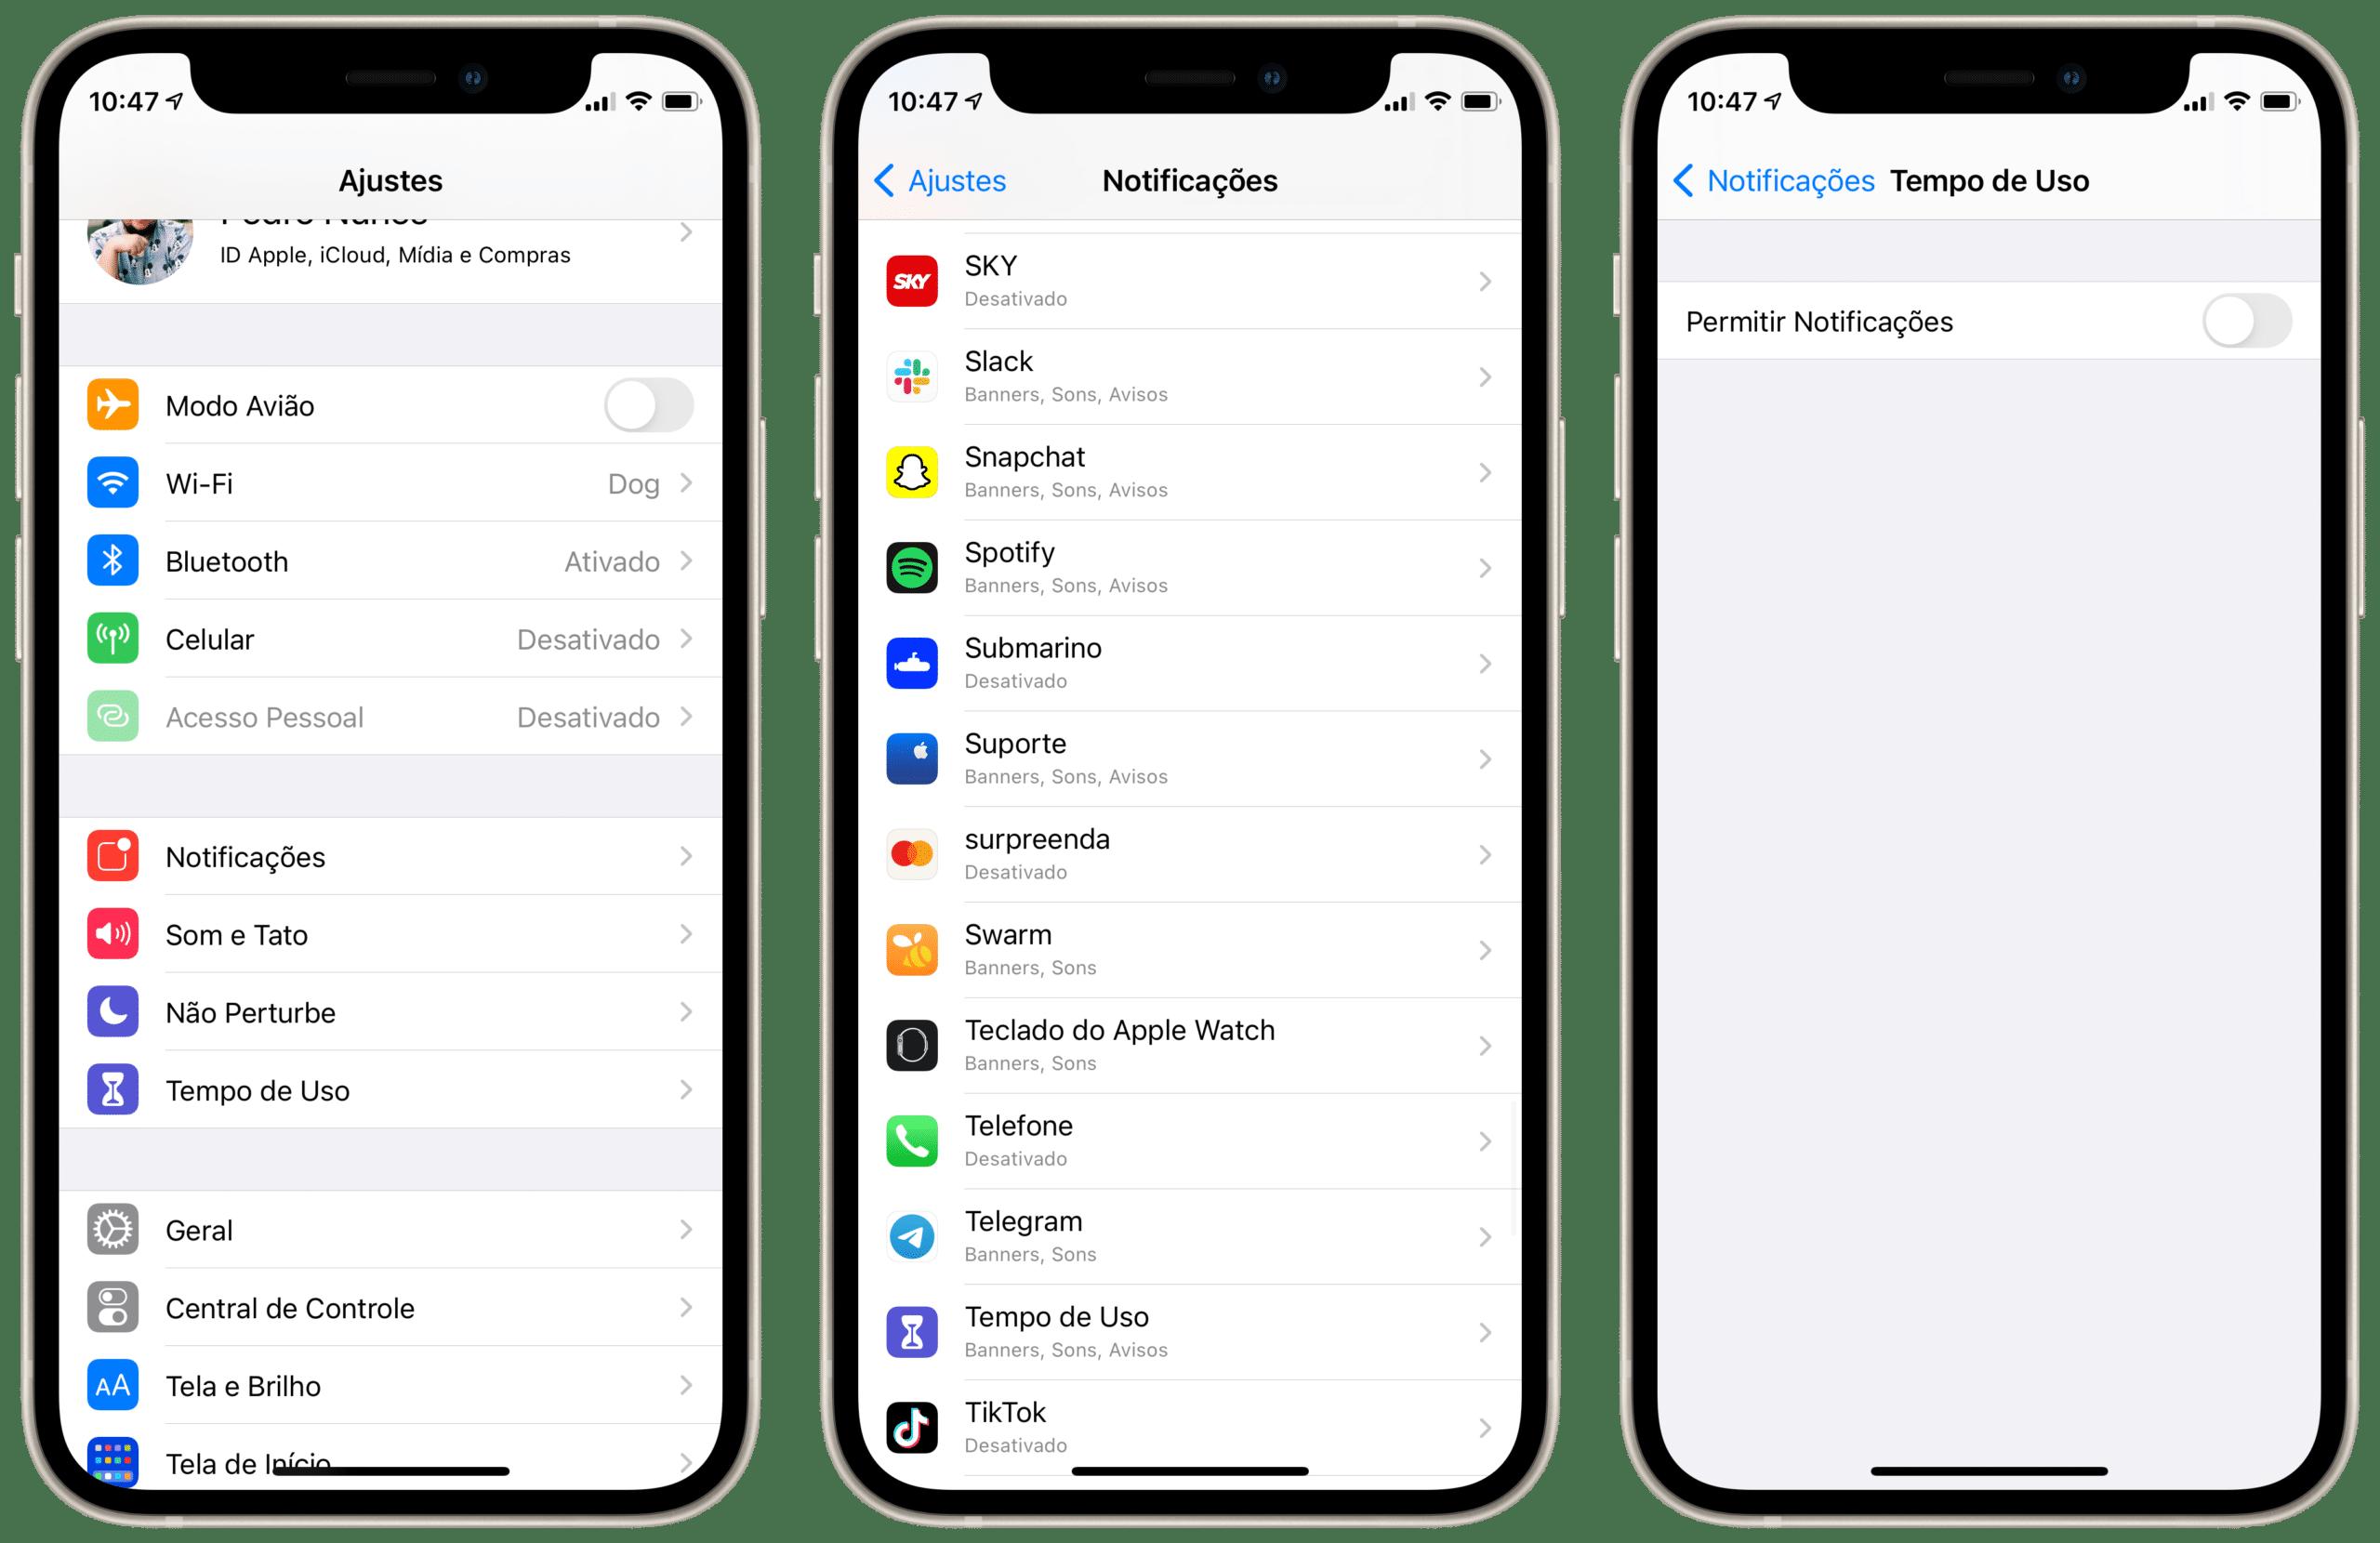 Notificações de Tempo de Uso no iOS